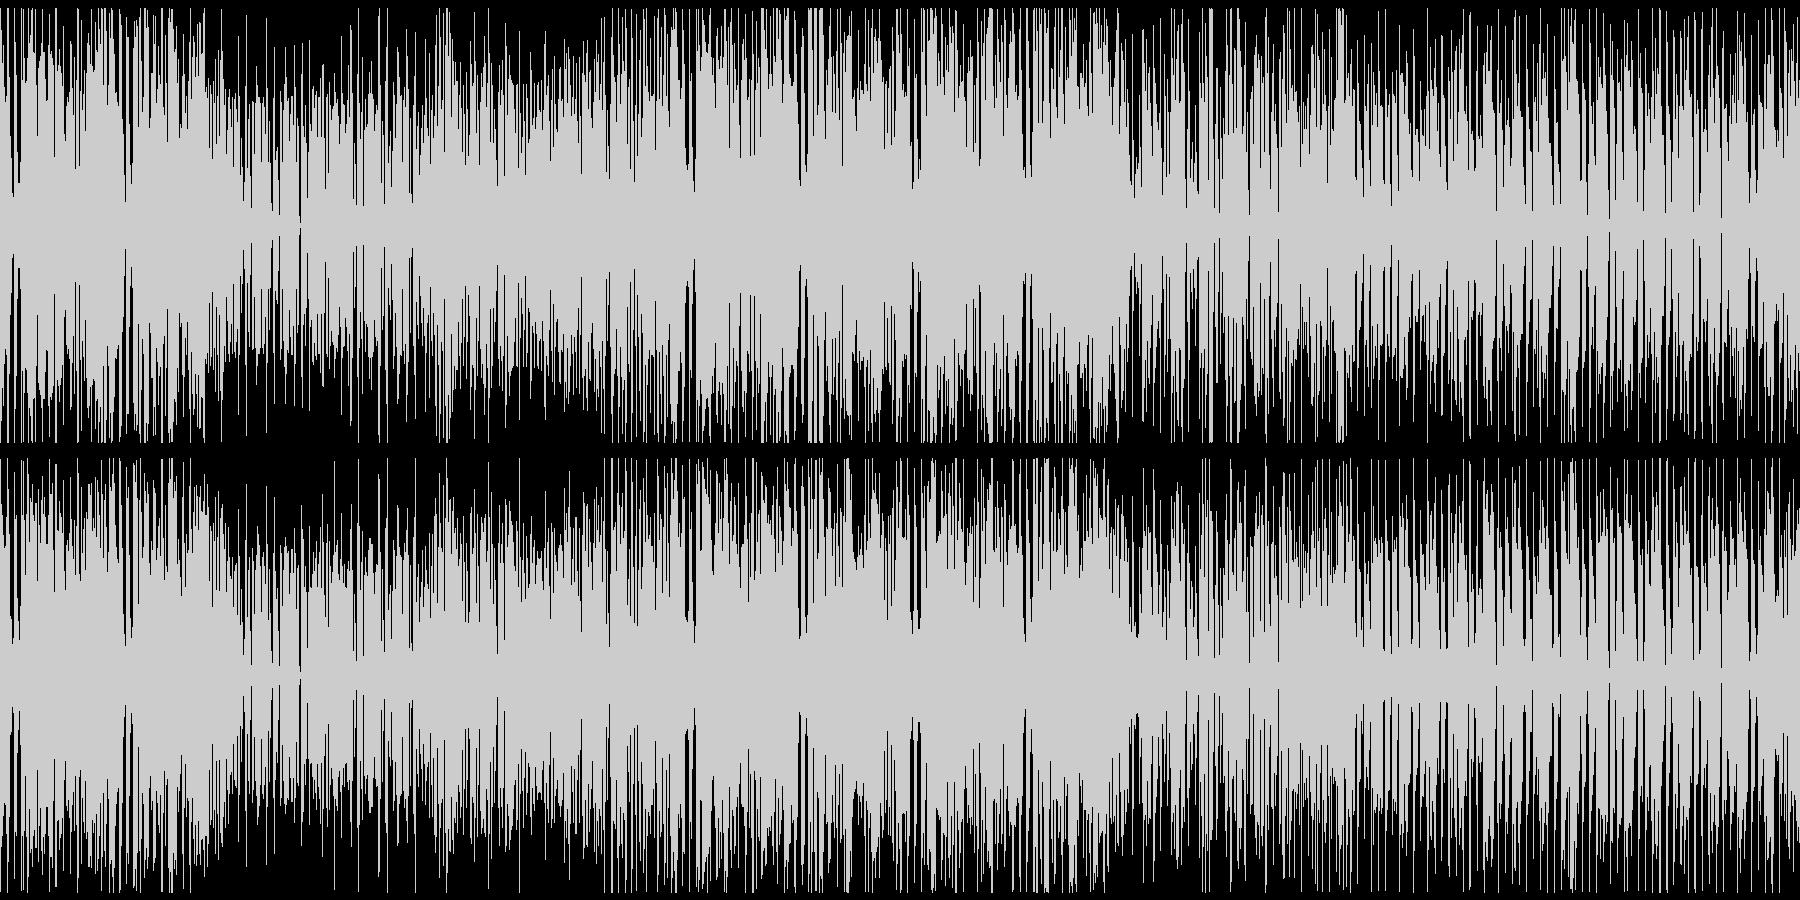 わくわく・ノリノリのポップロックの未再生の波形